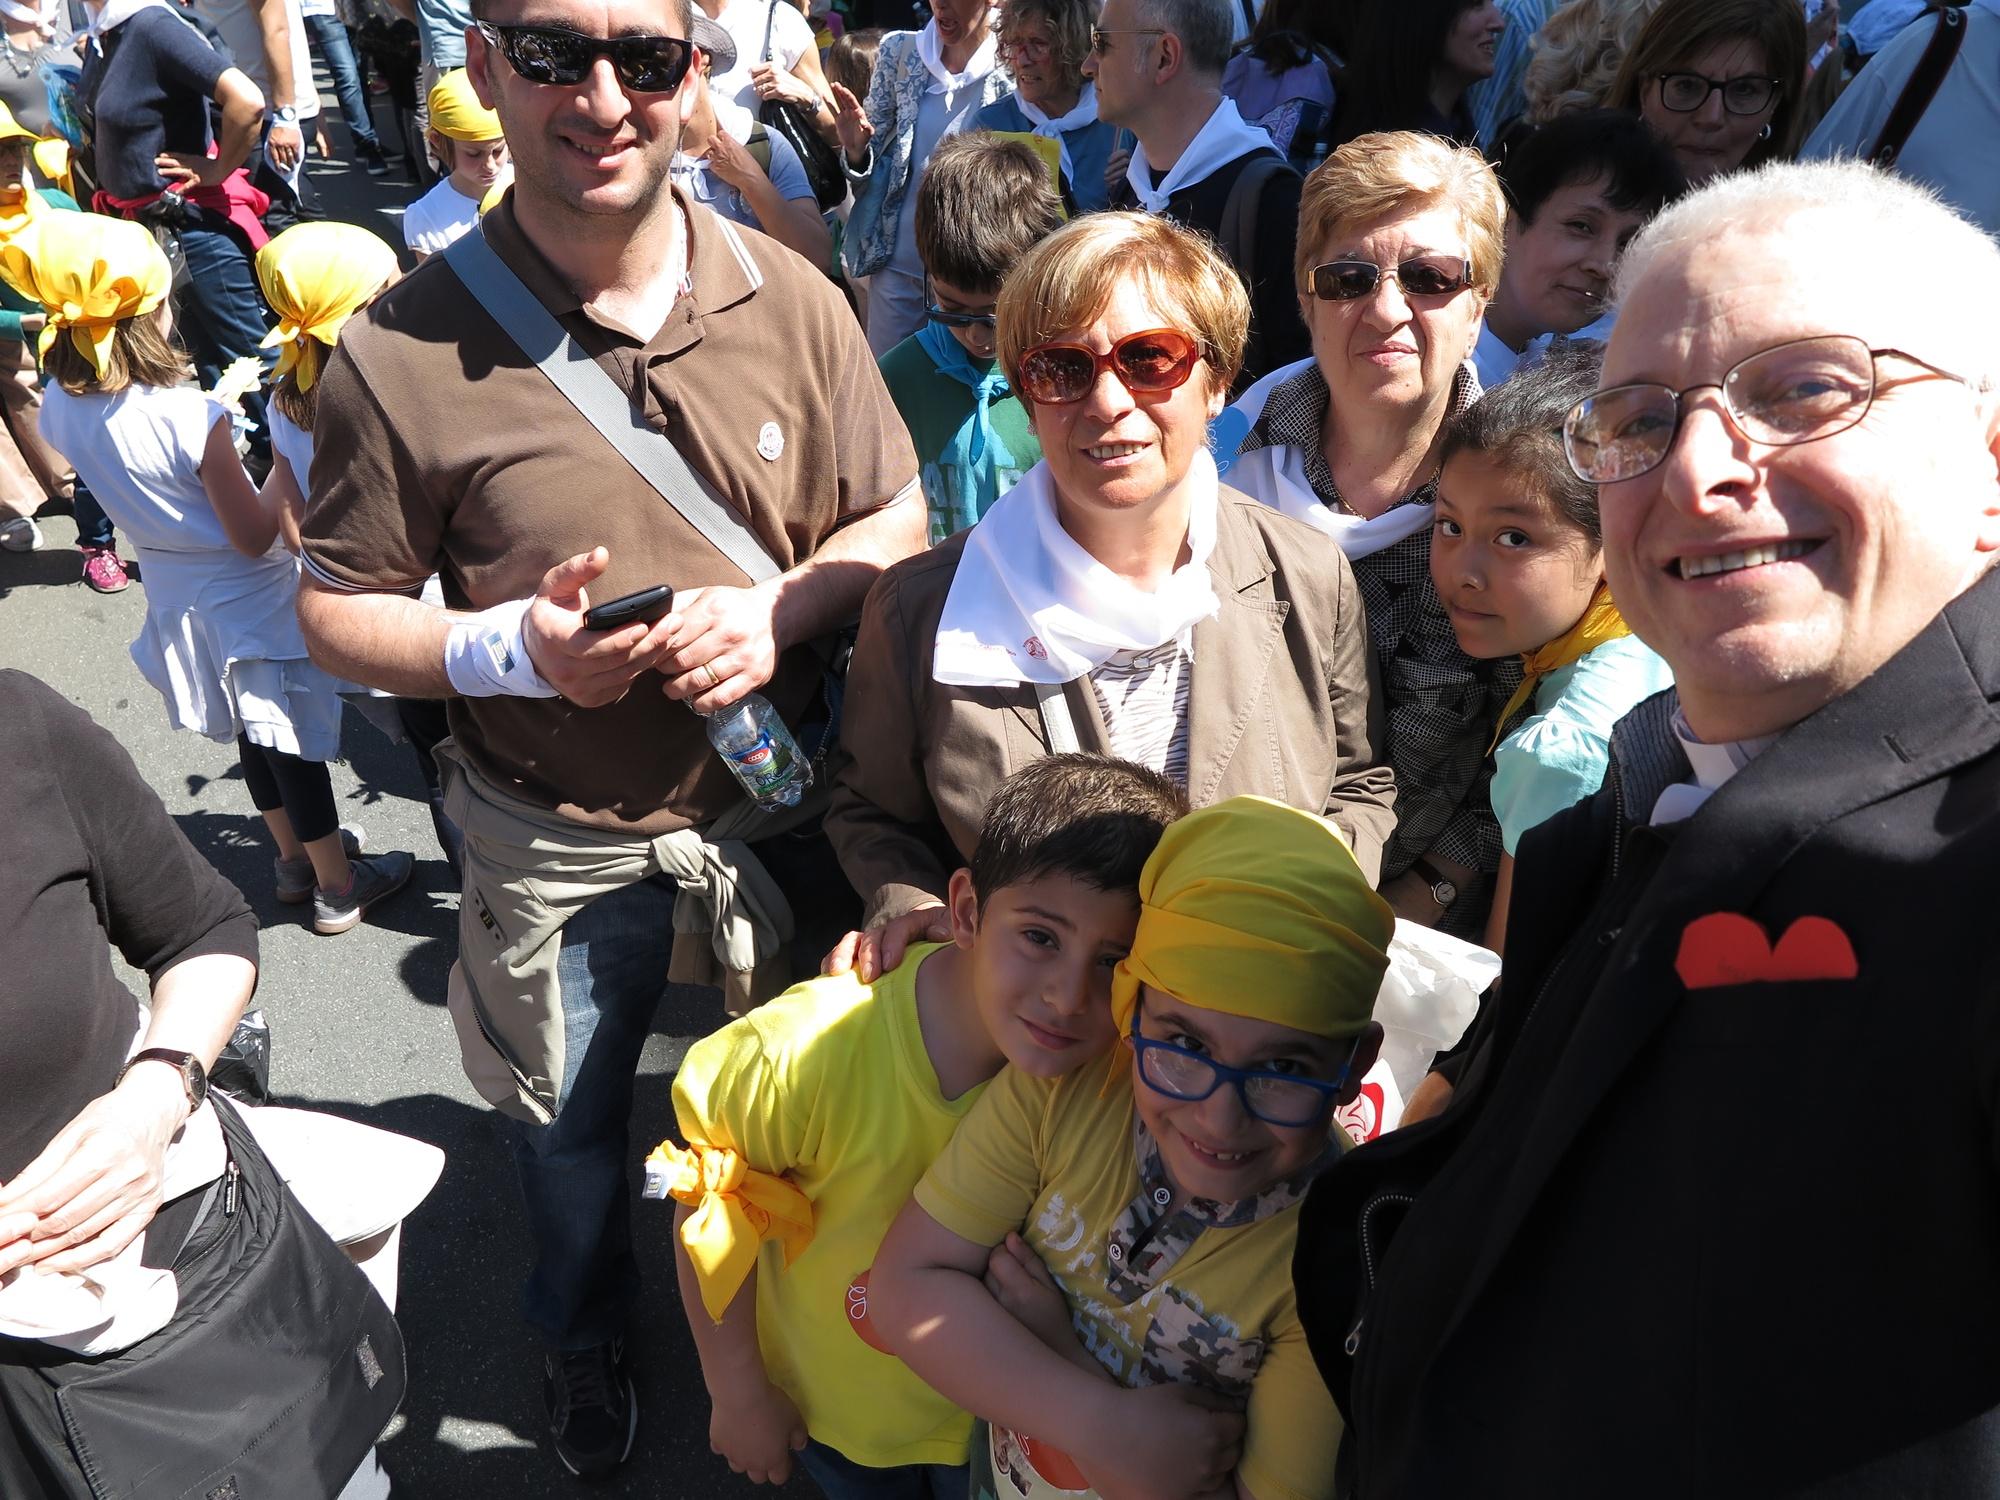 giubileo-catechismo-2016-05-21-15-44-05